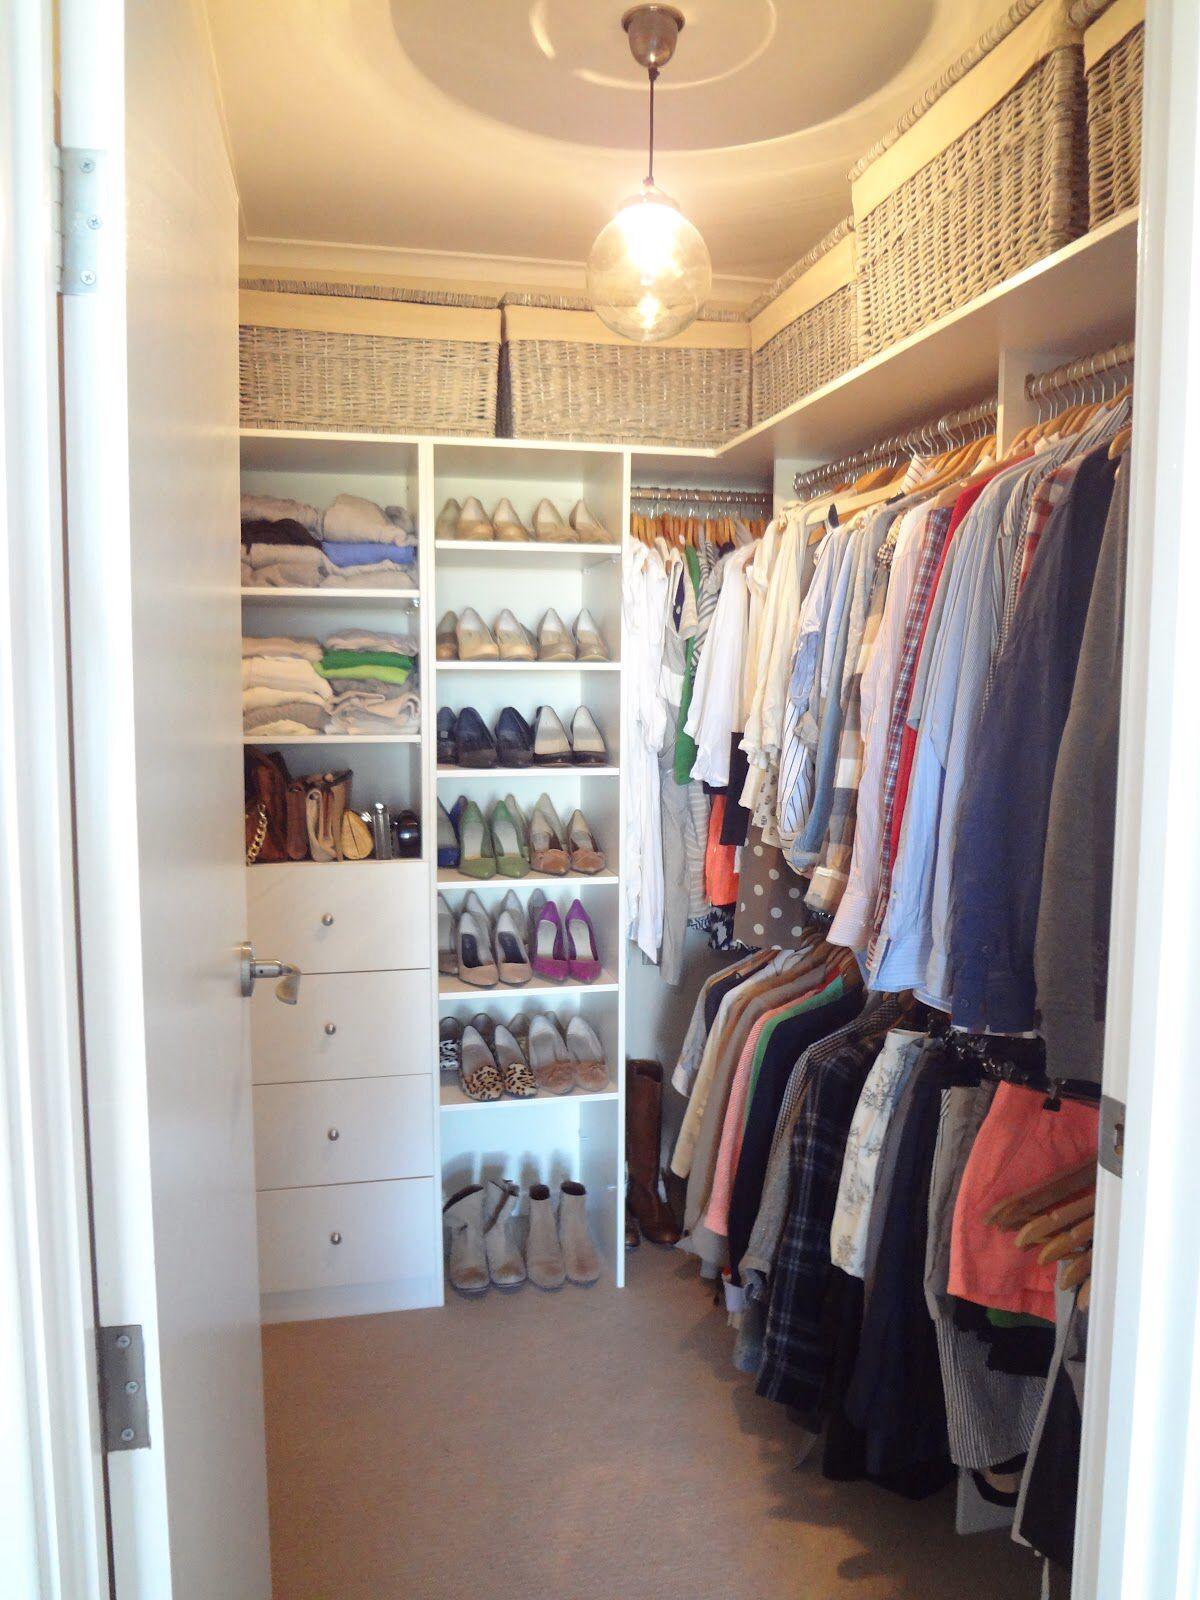 Put Baskets At The Top Of The Closet Closet Layout Closet